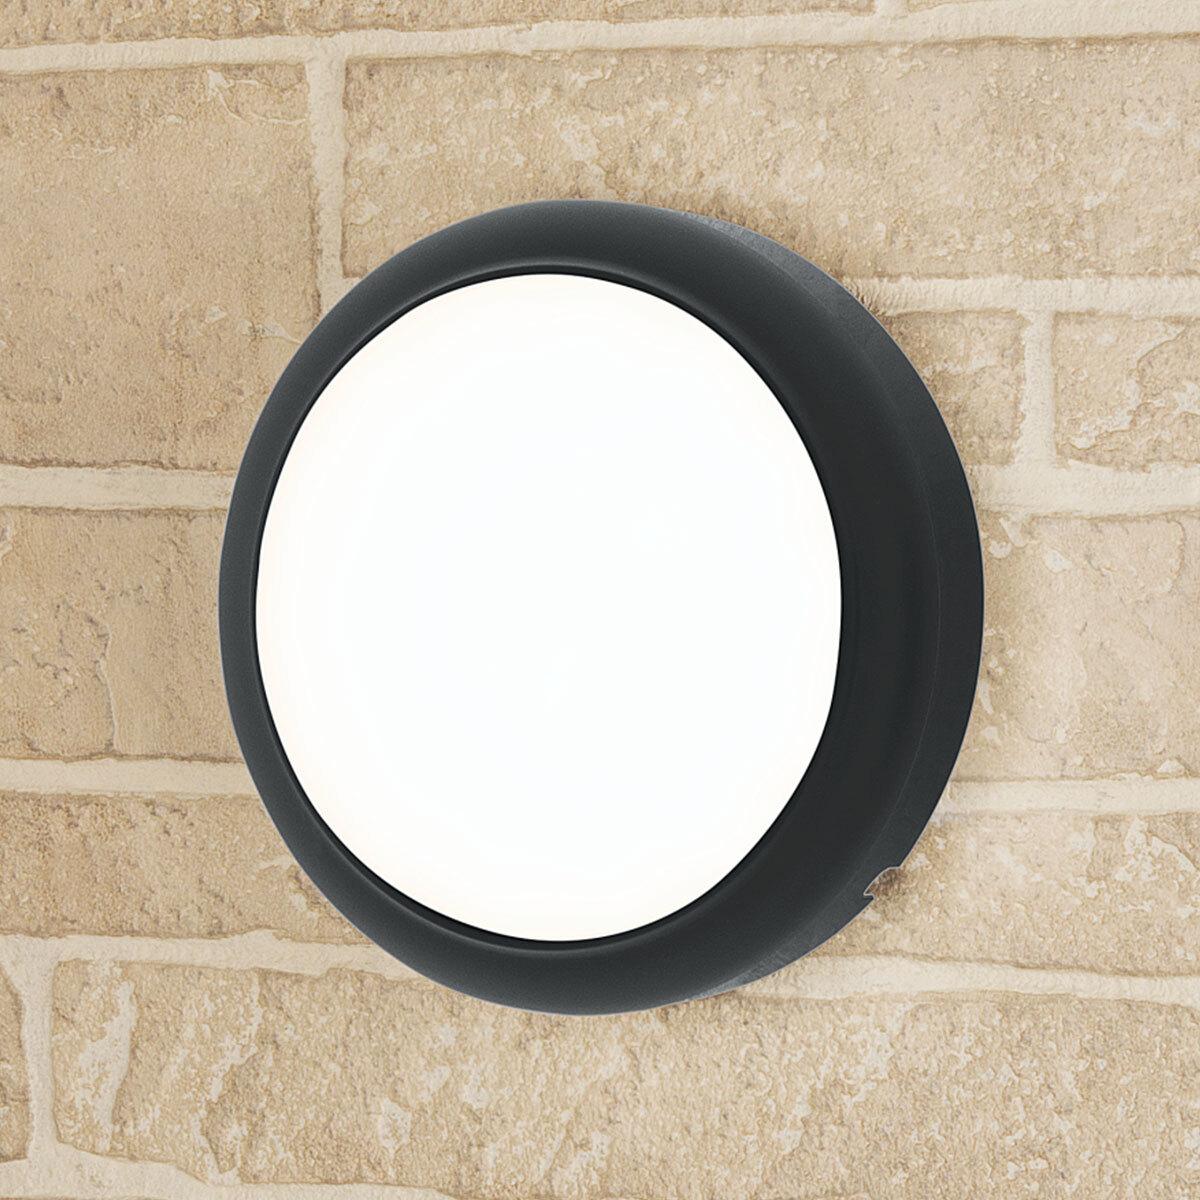 цены на LTB07 / Светильник стационарный светодиодный LED Светильник 18W Imatra черный  в интернет-магазинах